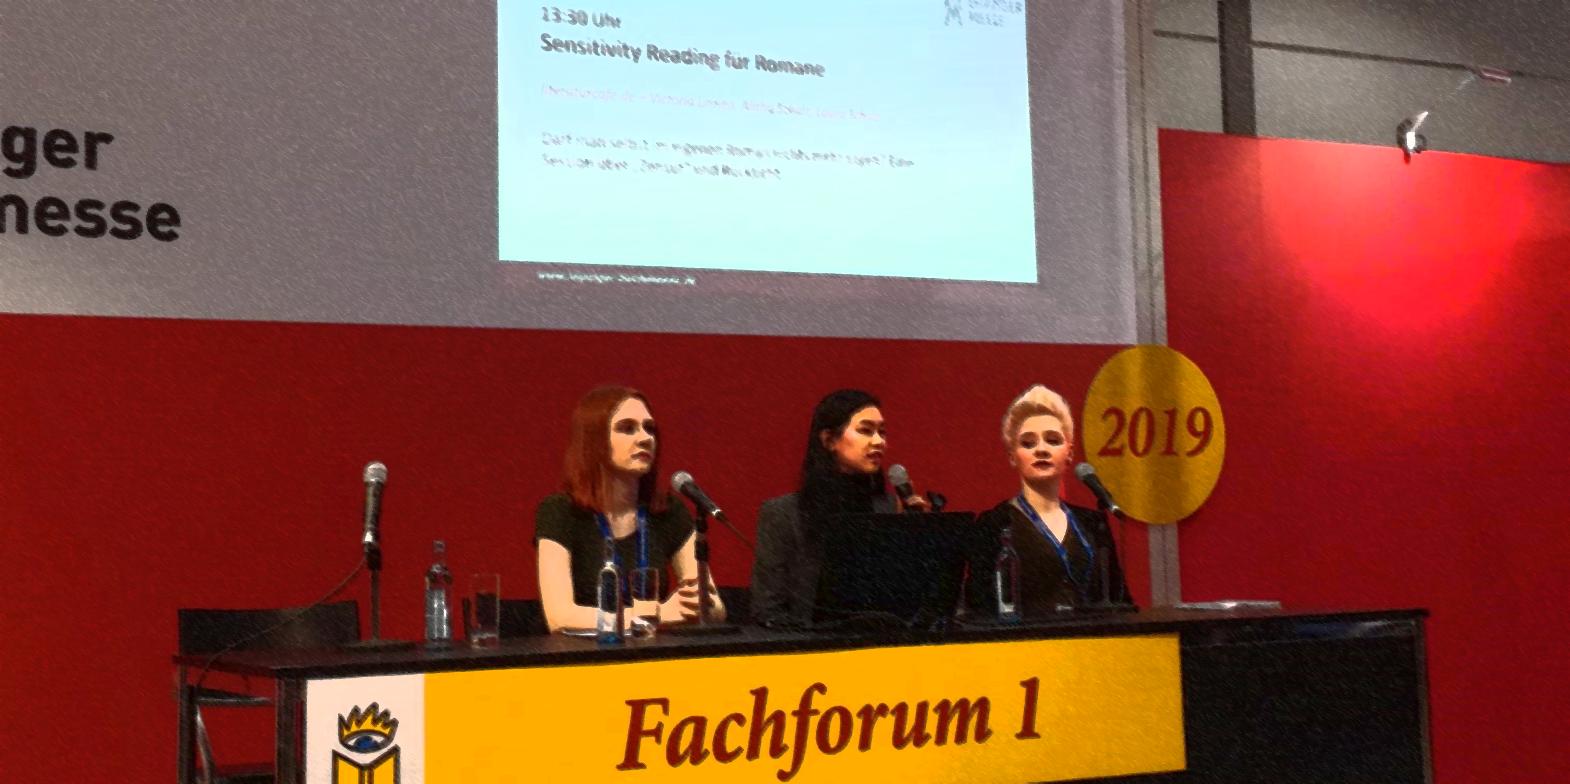 Vortrag über Sensitivity Reading beim Literaturcafé